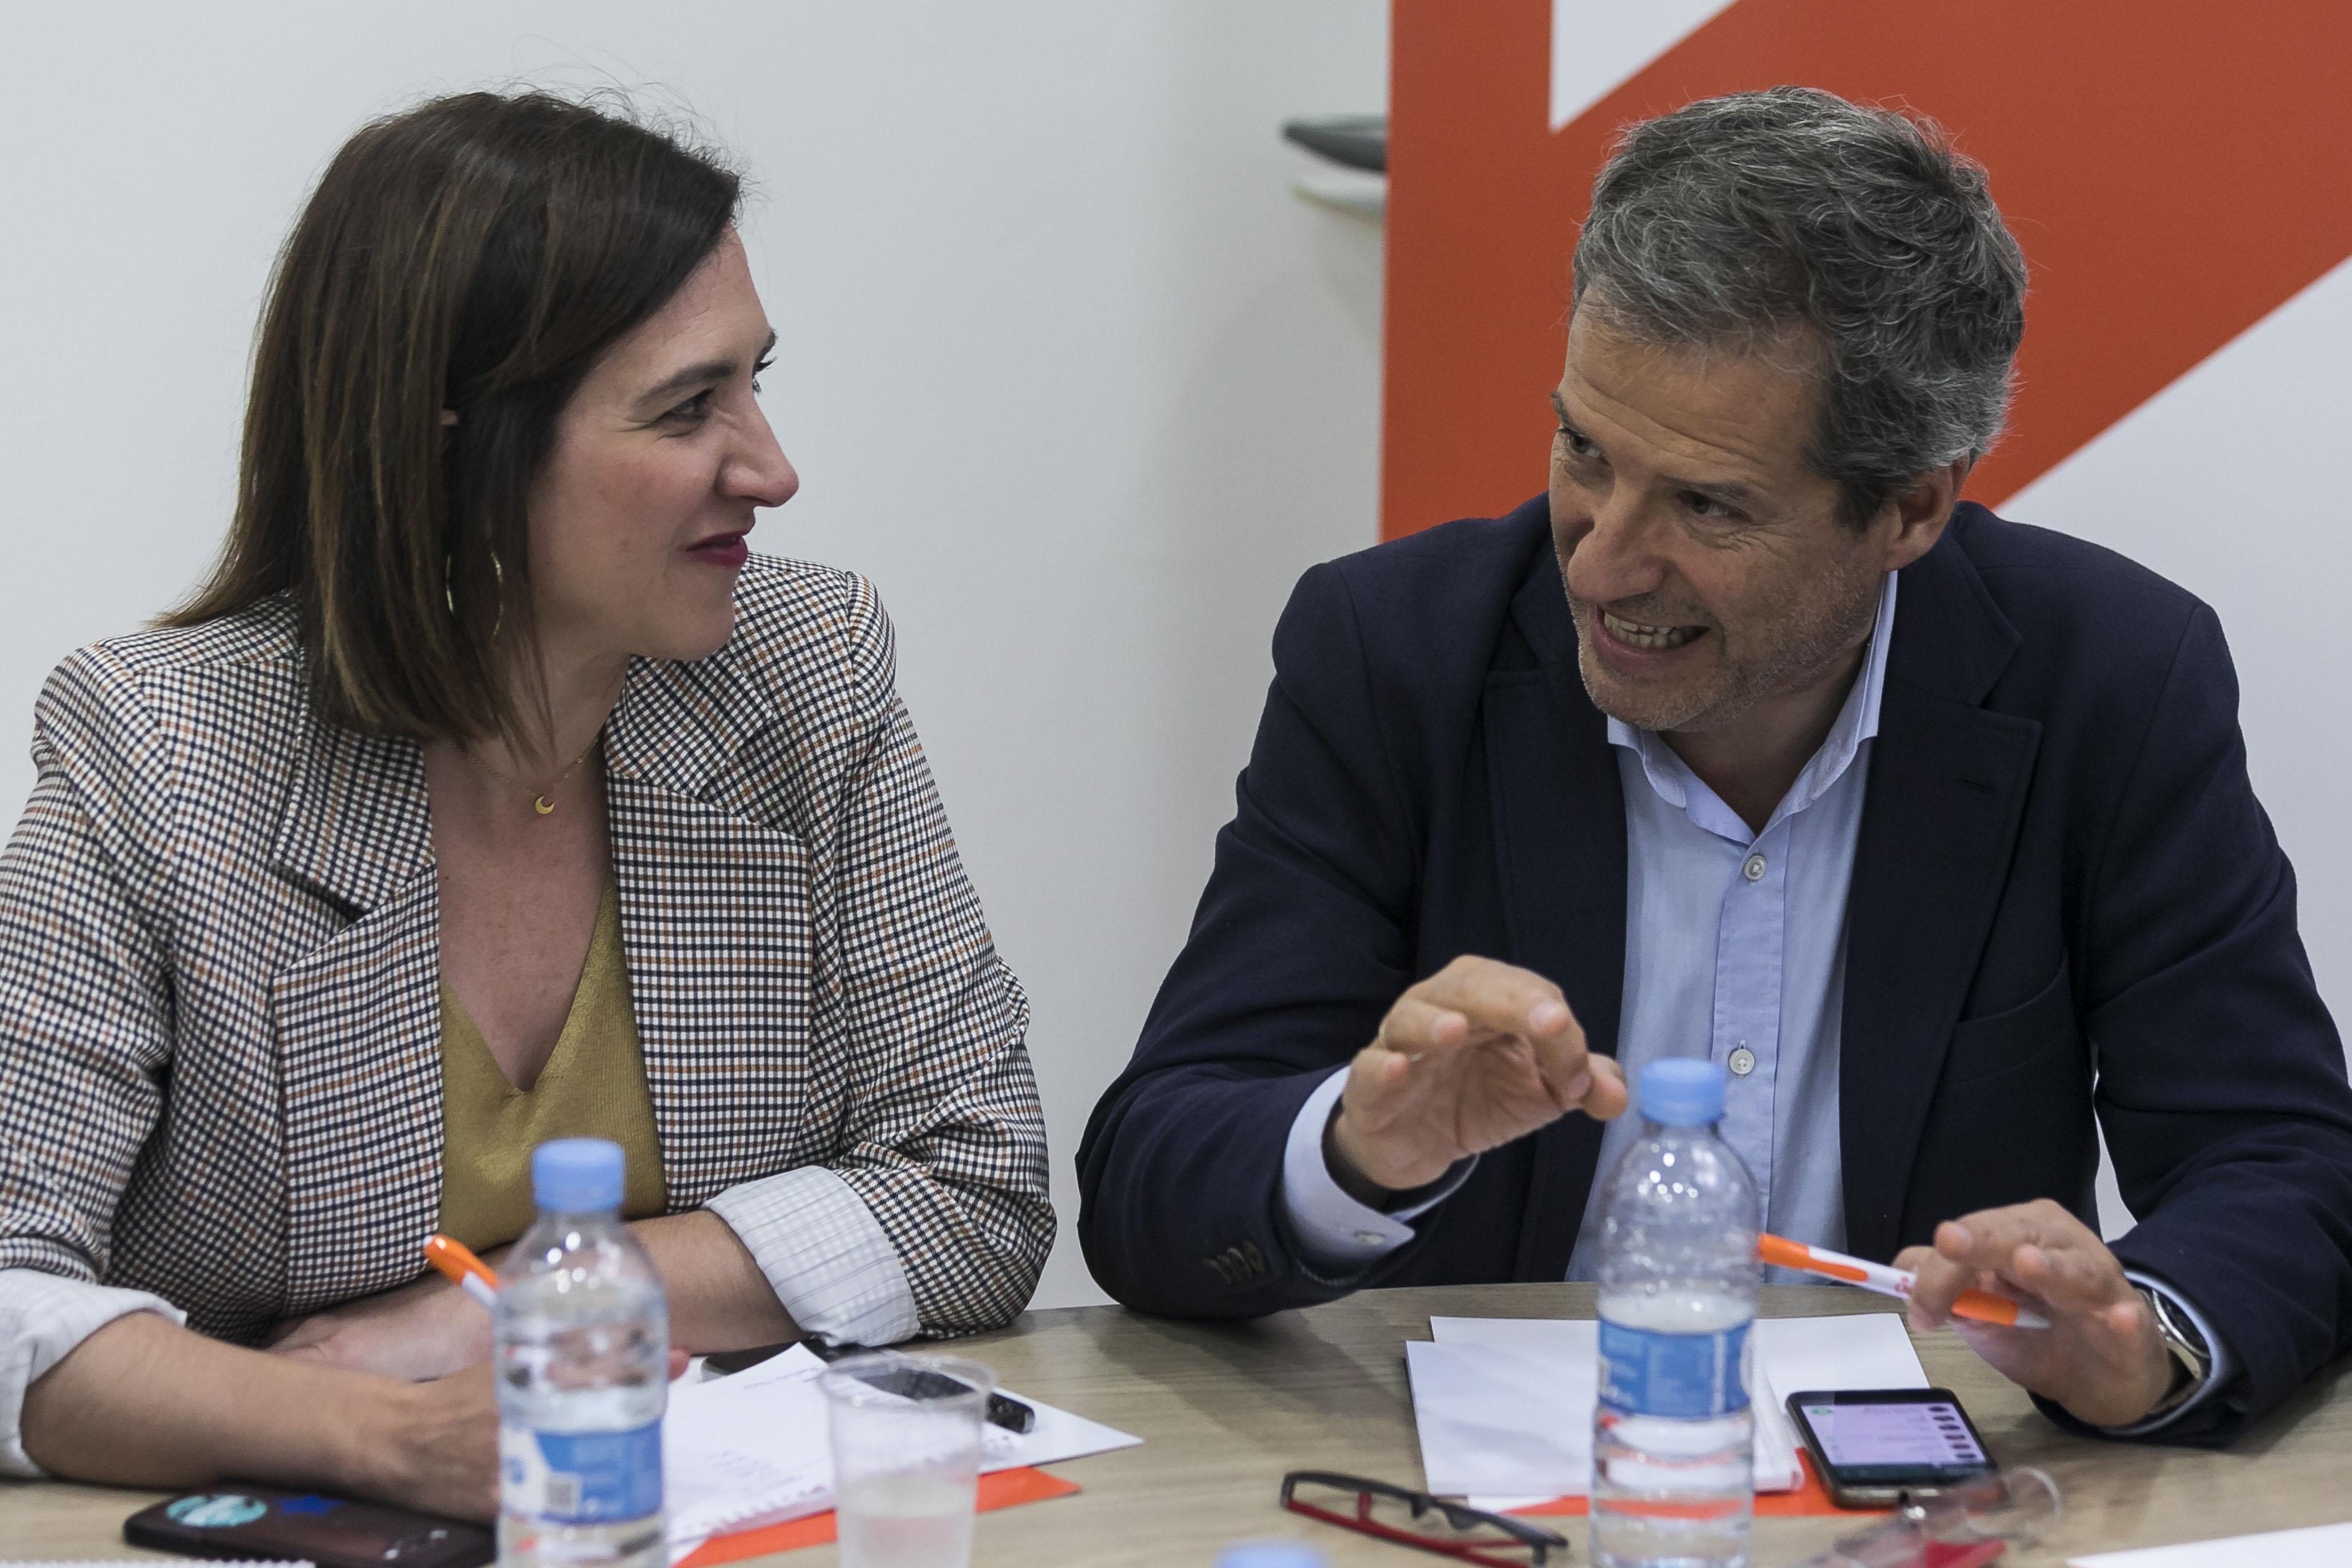 Rueda de prensa de Ciudadanos tras las elecciones autonómicas